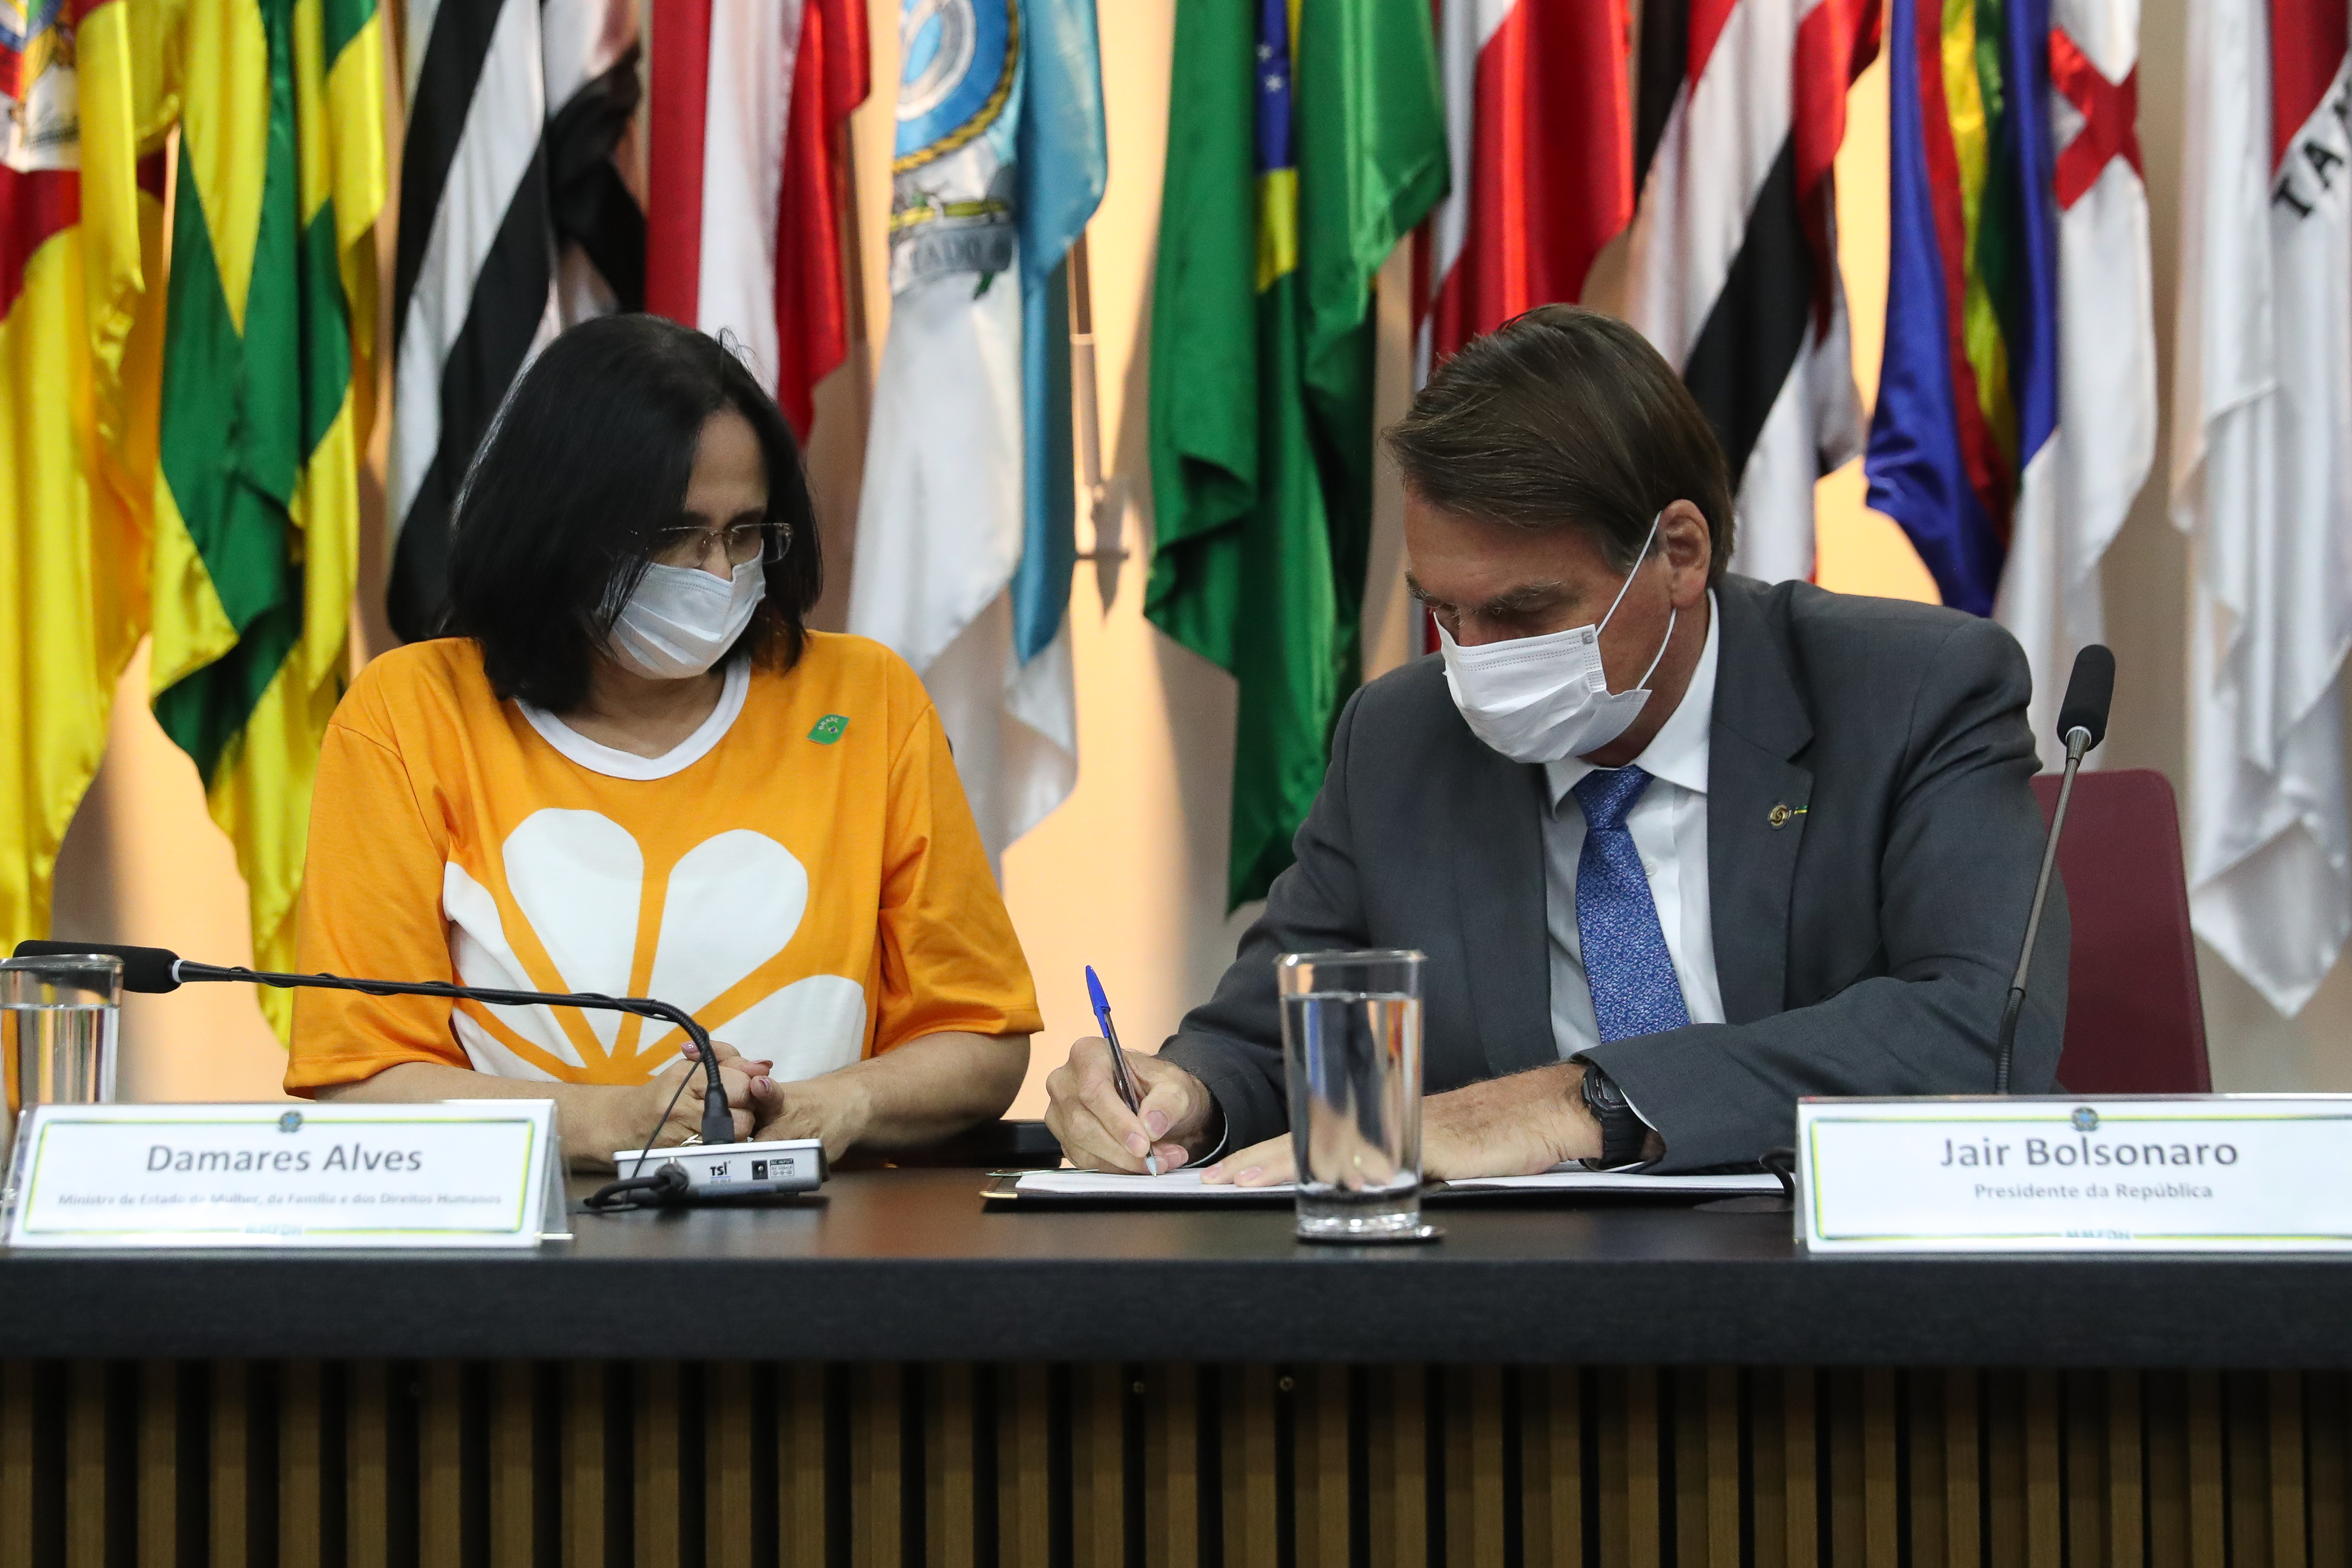 IMAGEM: Bolsonaro: Constituição não tem pena para abuso de crianças